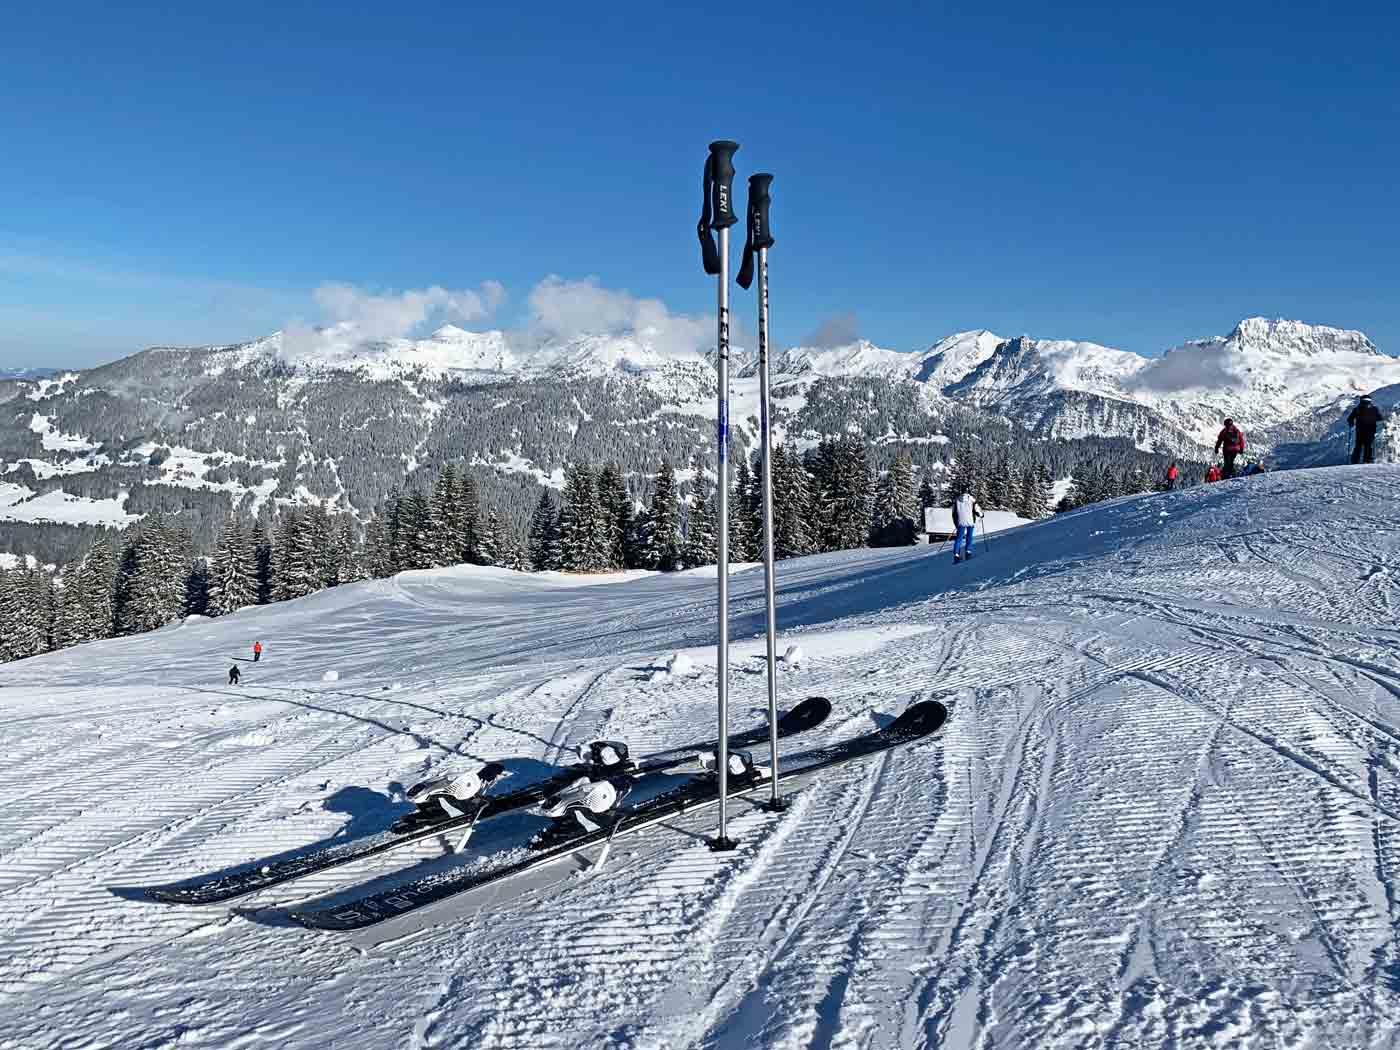 Allmountain ski op de piste in de sneeuw